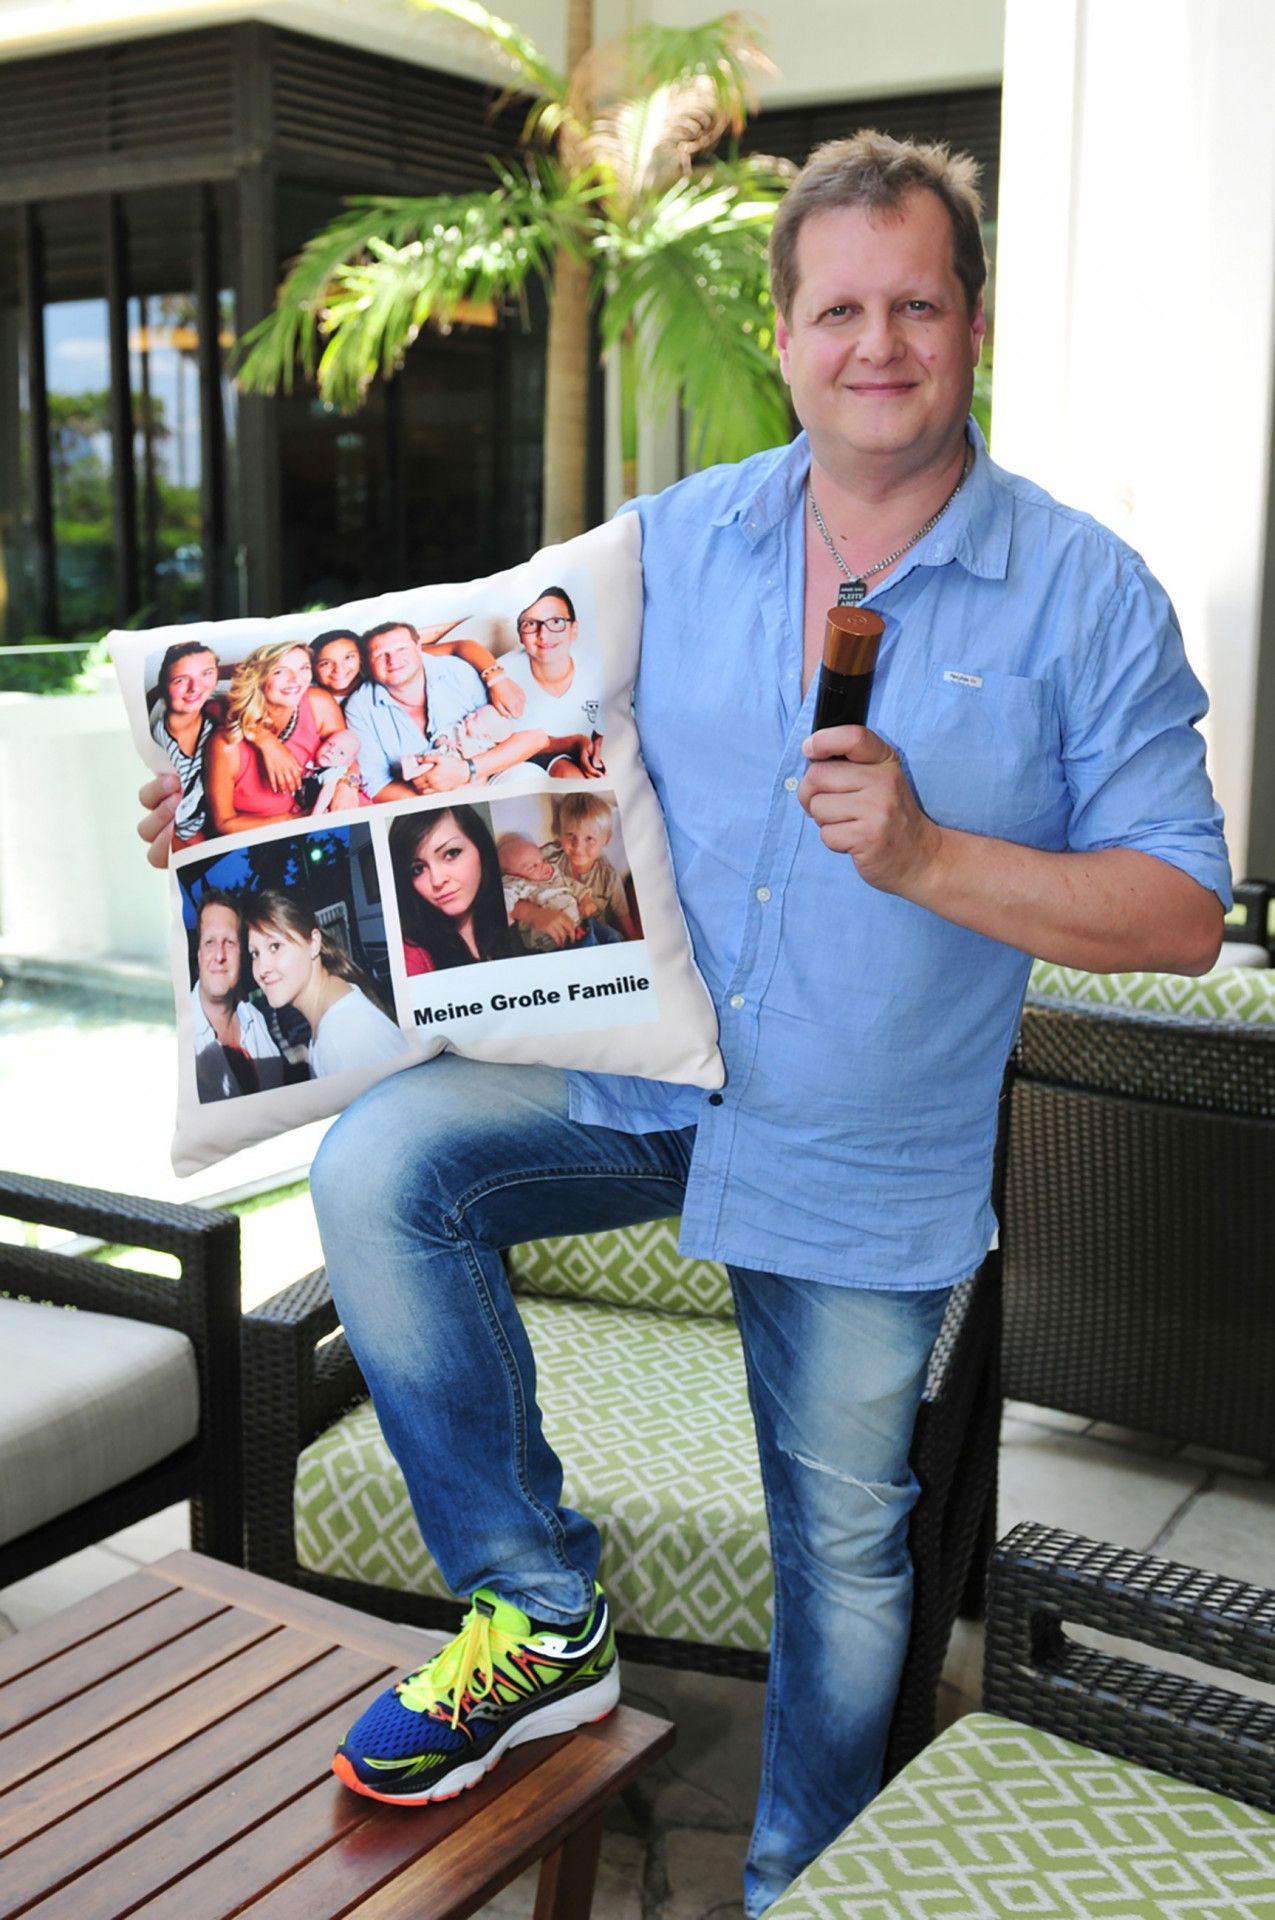 Kult-Auswanderer Jens Büchner  nimmt ein Kissen mit aufgedruckten Familienfotos und Parfüm mit ins Camp.